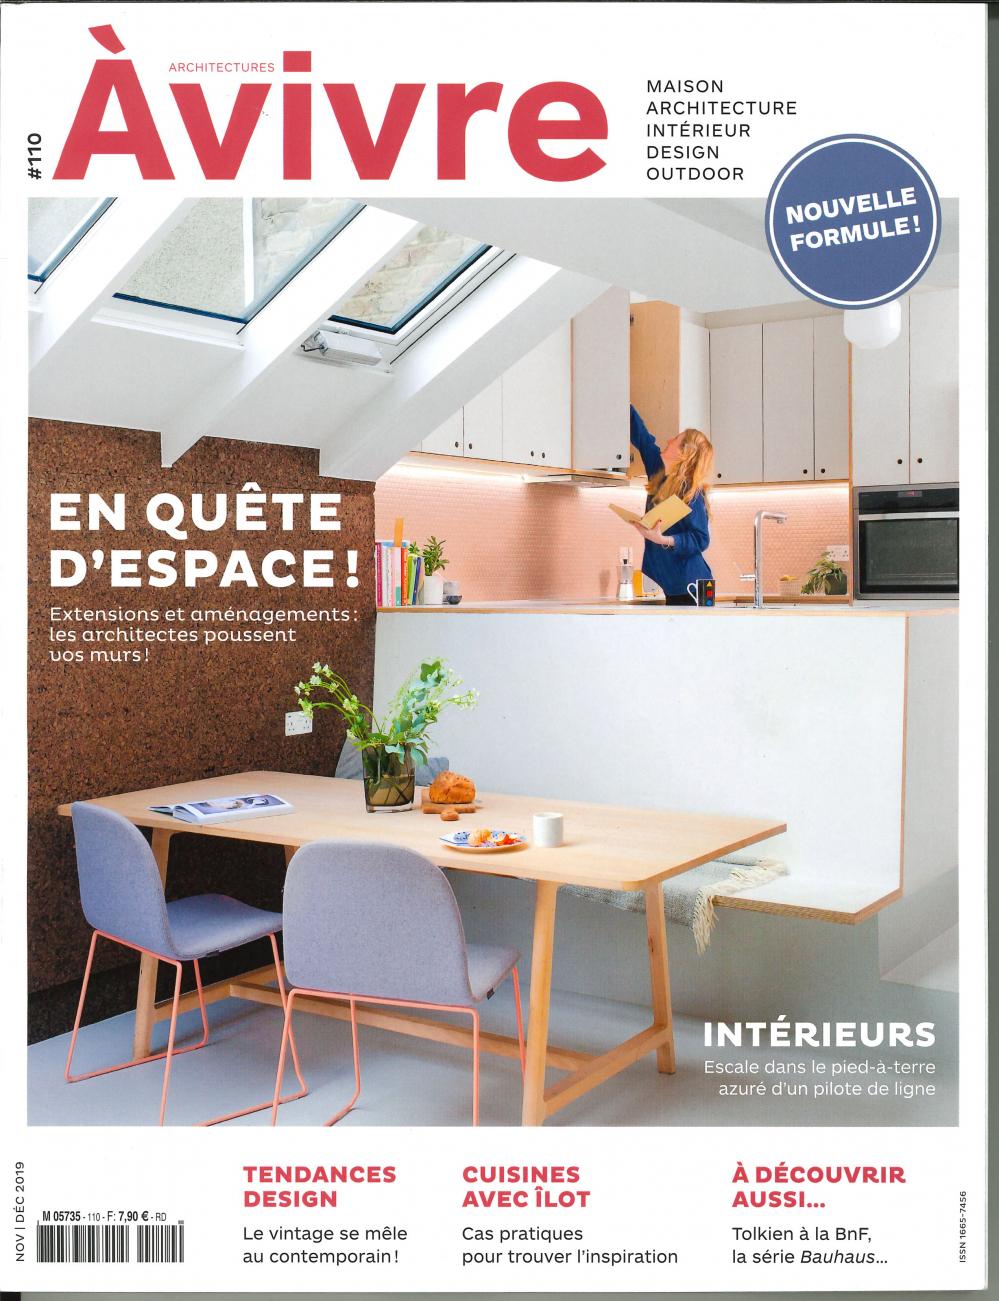 ARCHITECTURES A VIVRE N 110 EN QUETE D'ESPACE - NOVEMBRE/DECEMBRE 2019